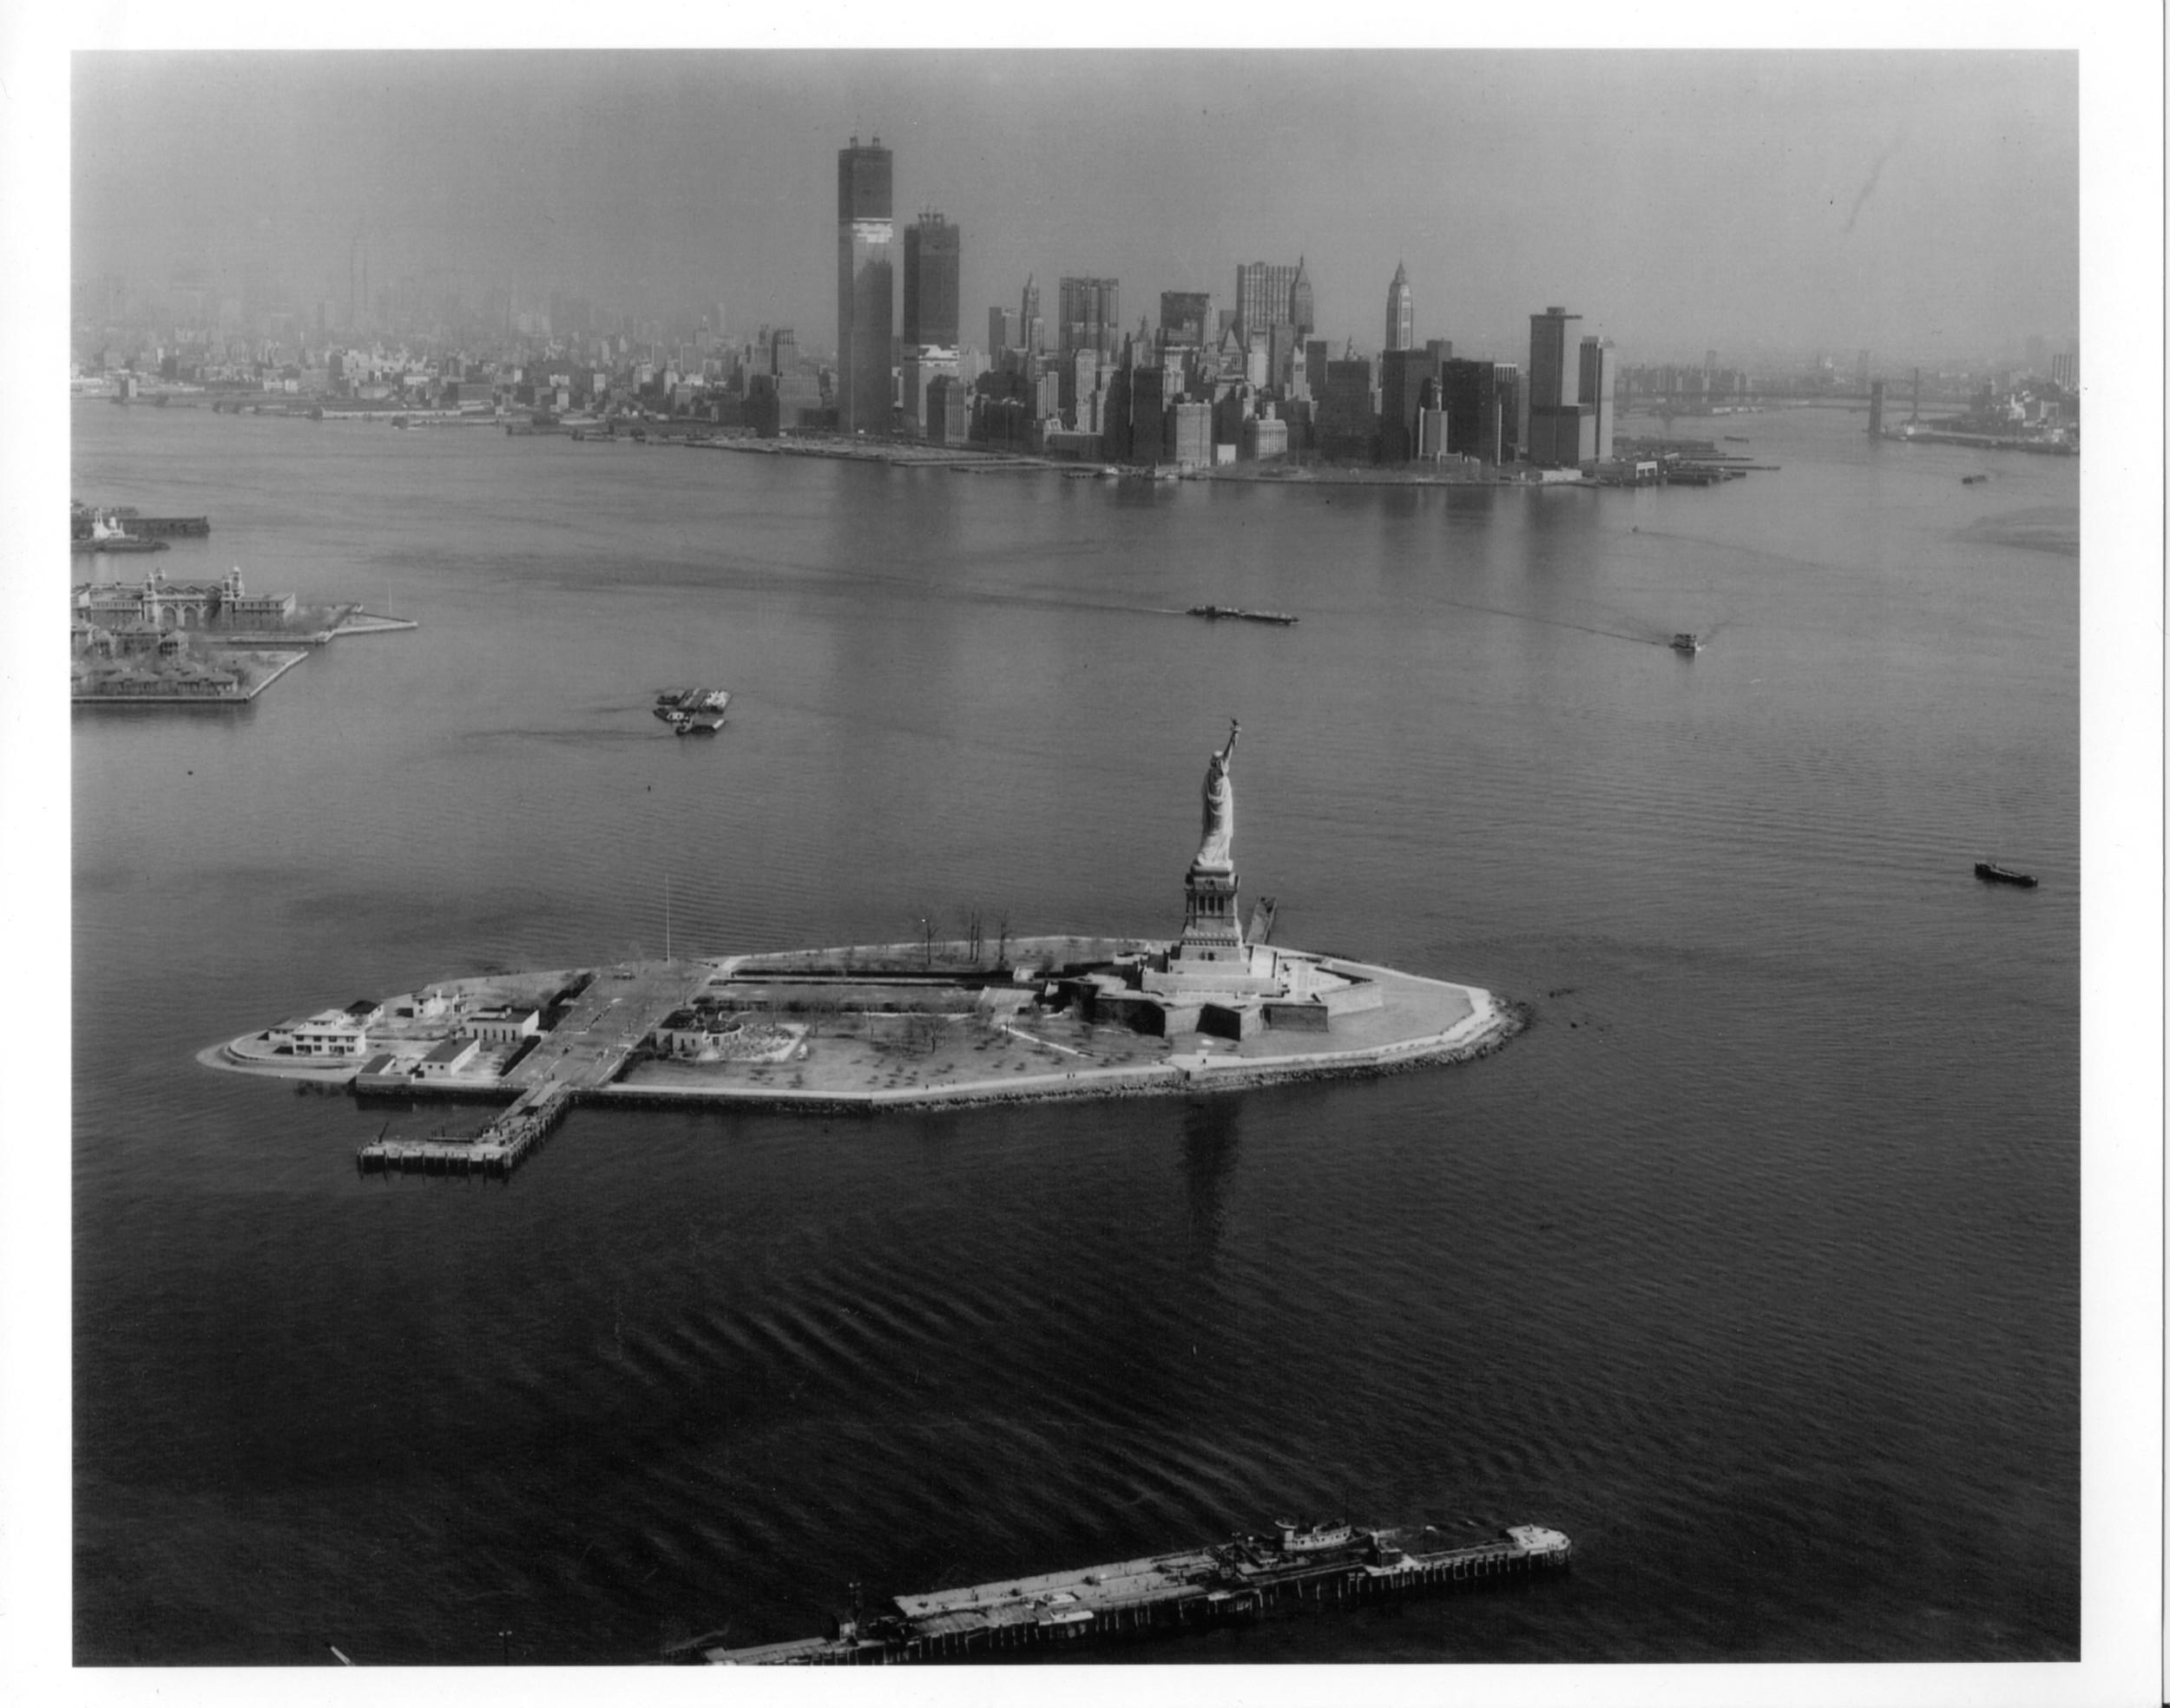 WTC 1971-002